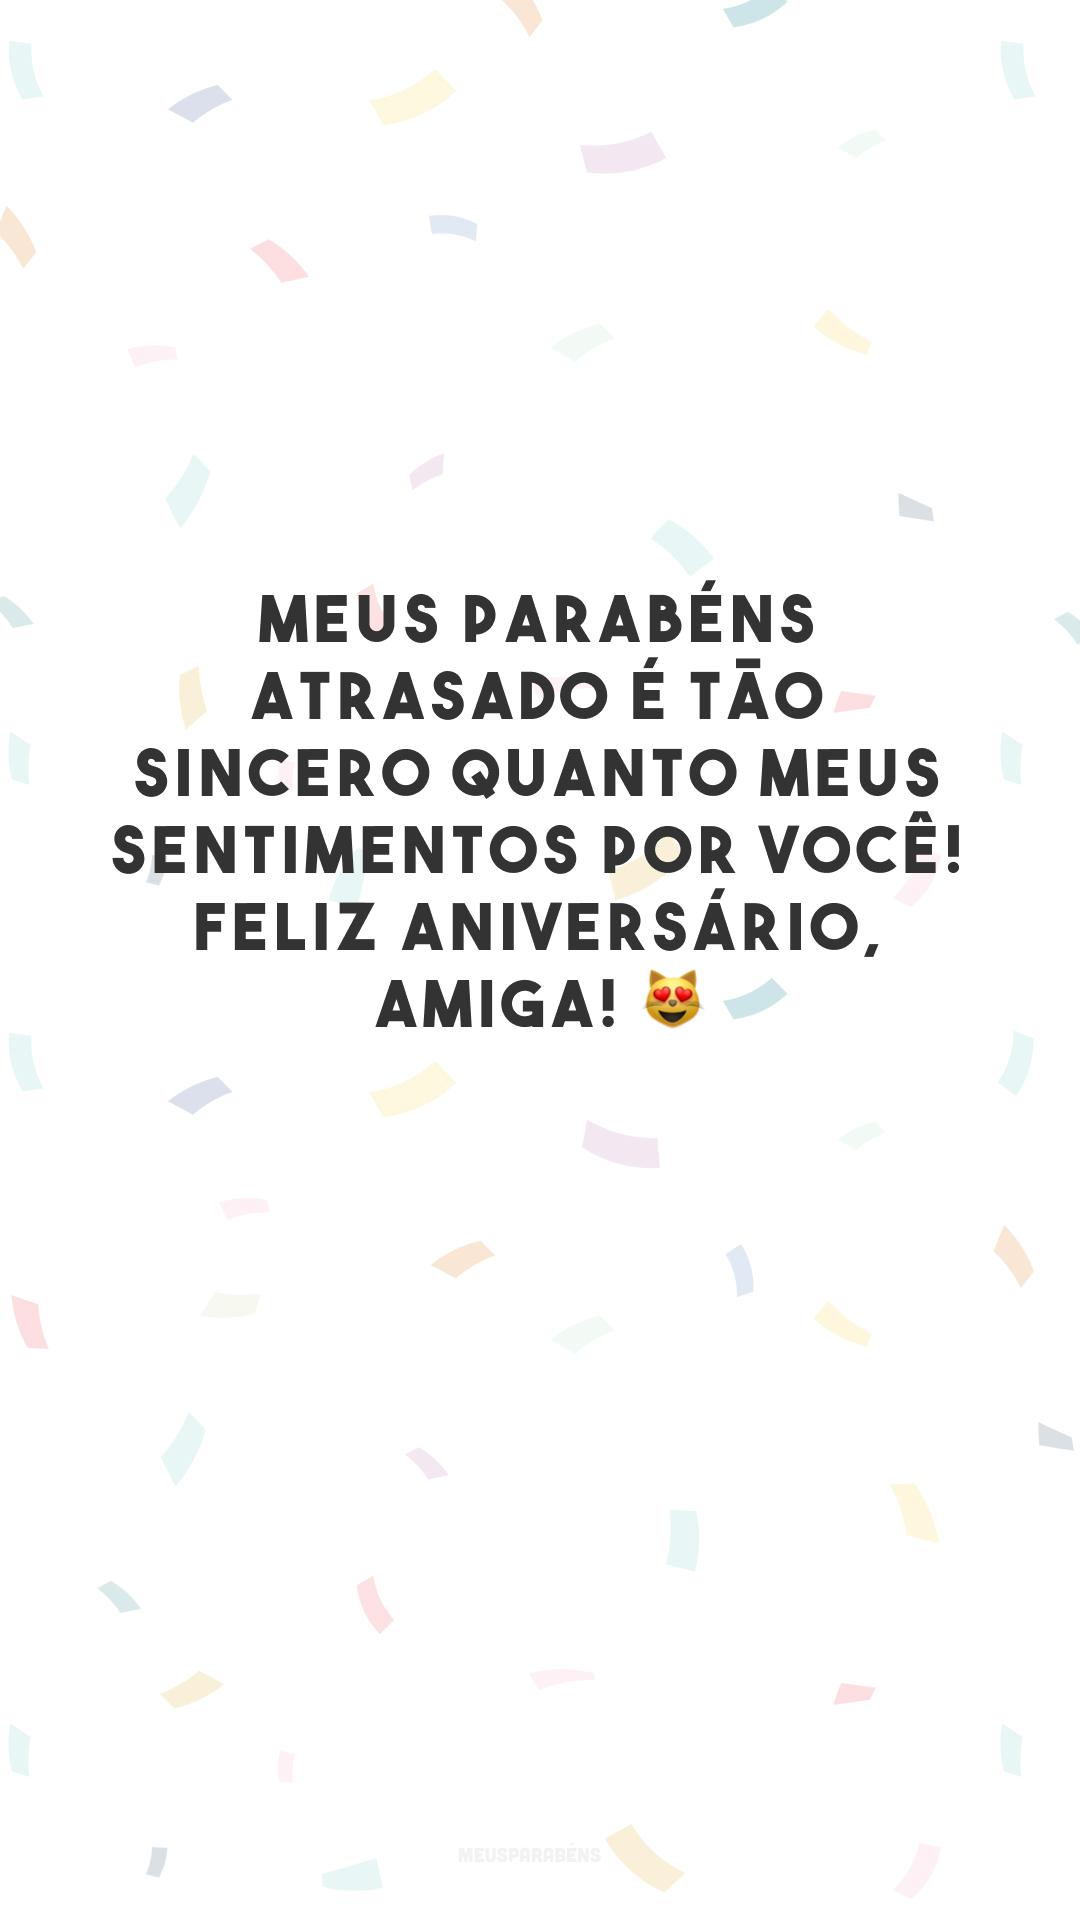 Meus parabéns atrasado é tão sincero quanto meus sentimentos por você! Feliz aniversário, amiga! 😻